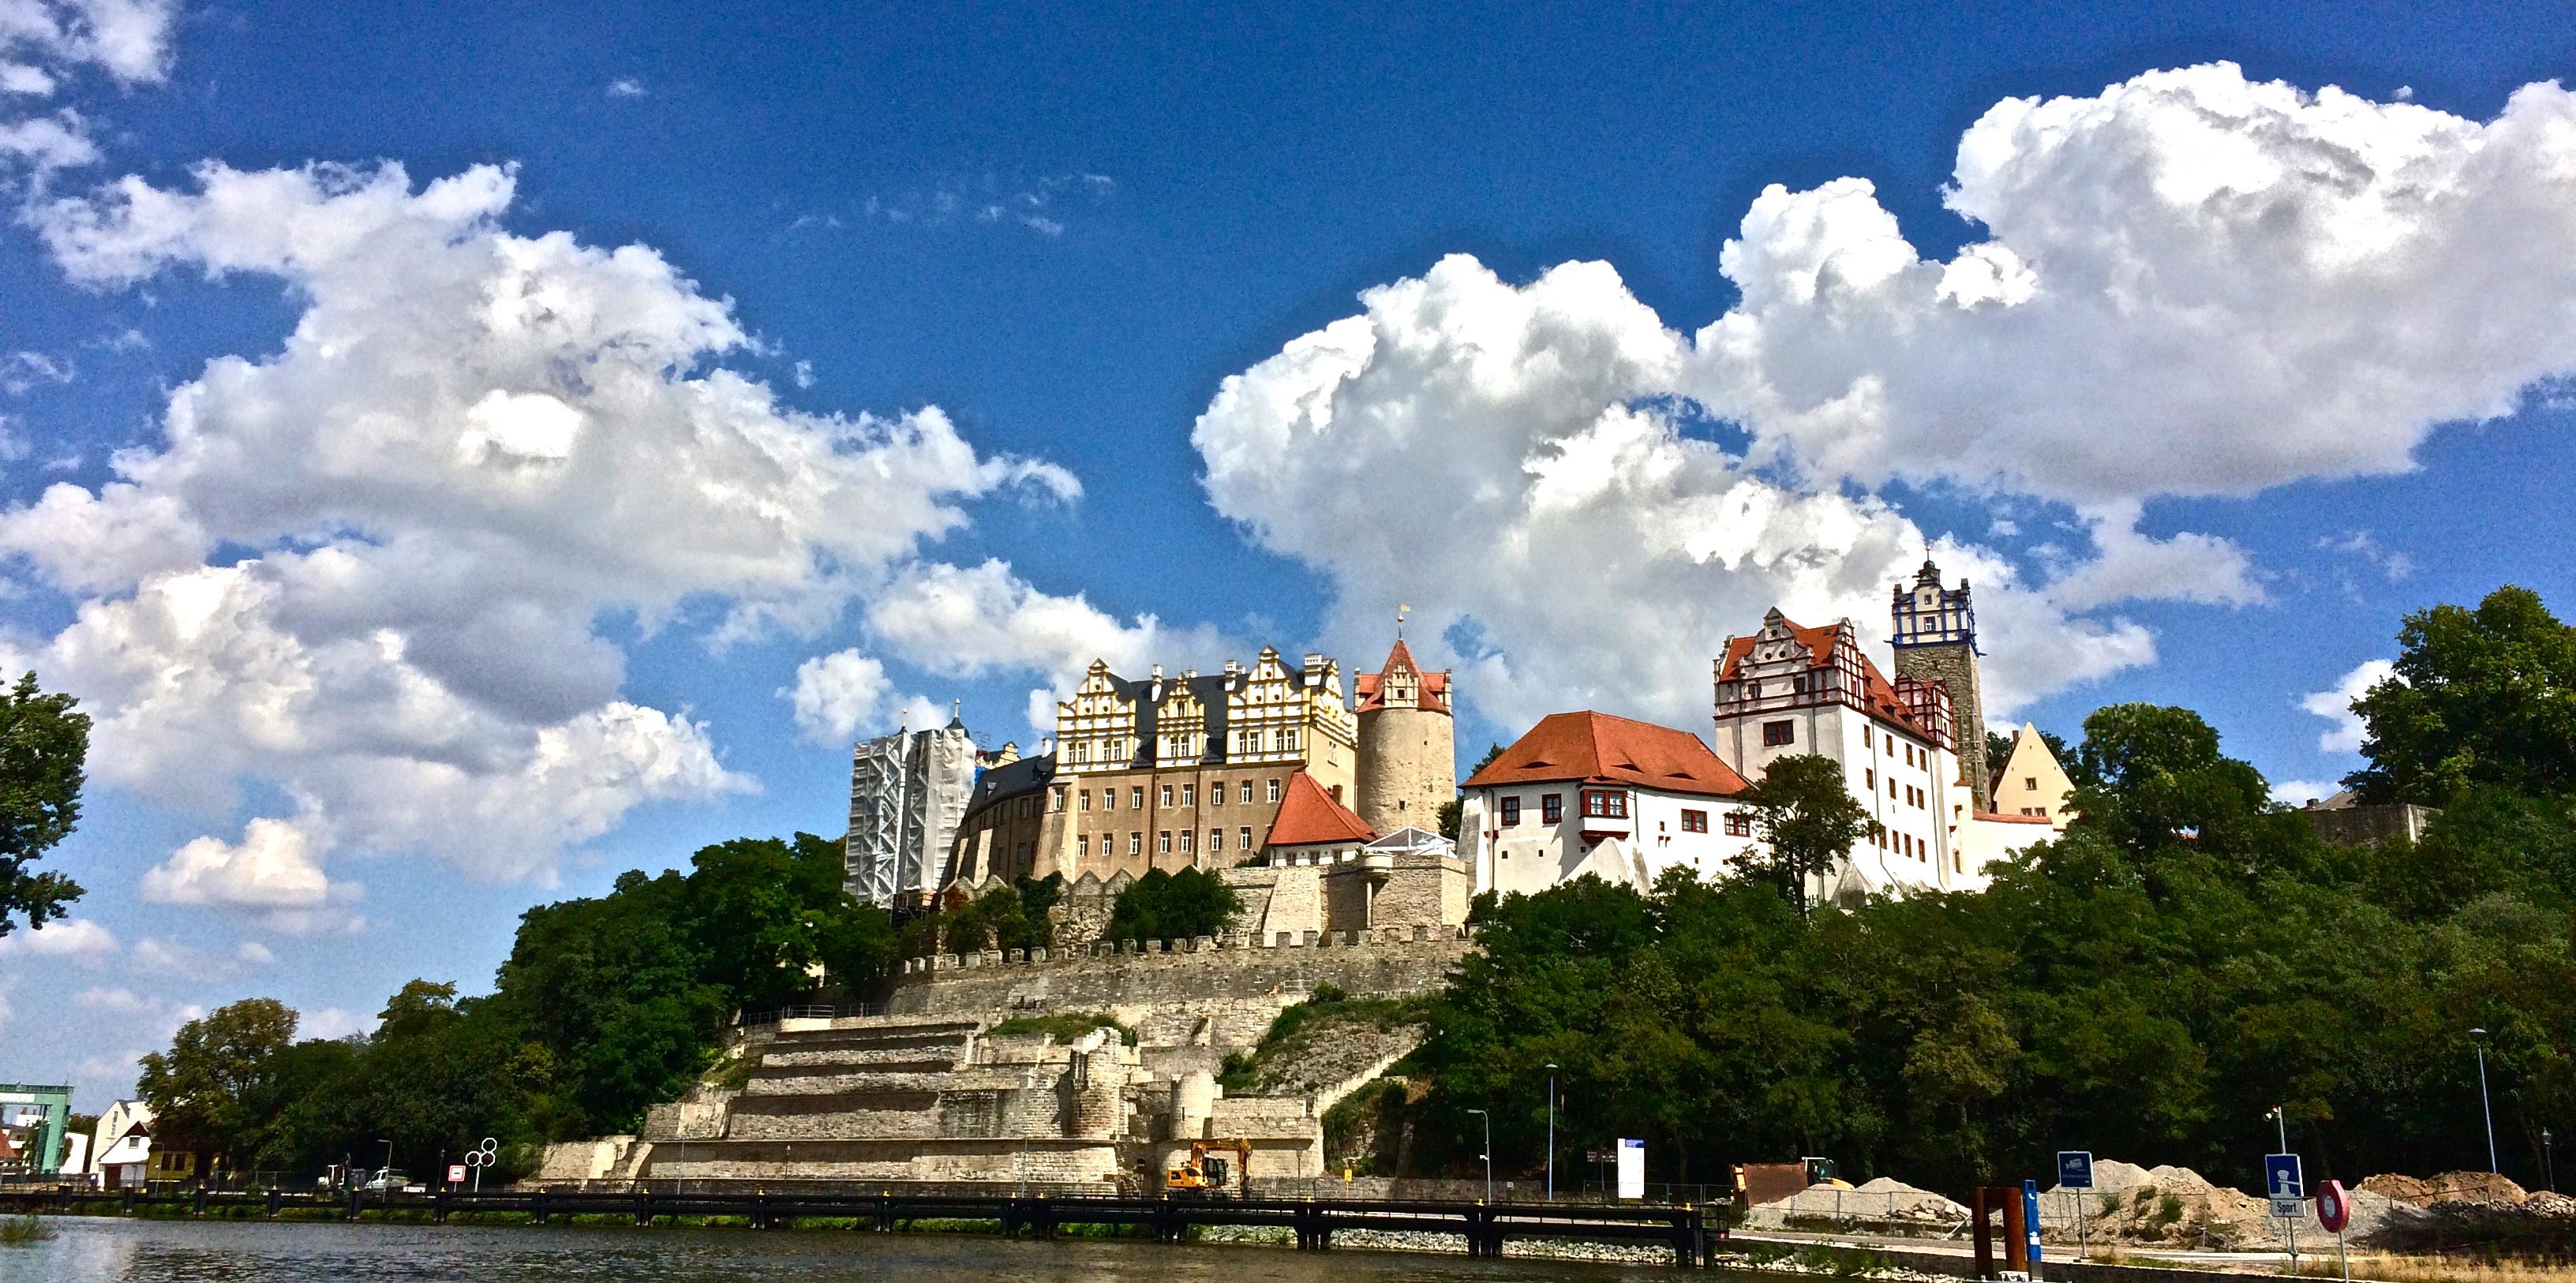 Saale und Schloss Bernburg